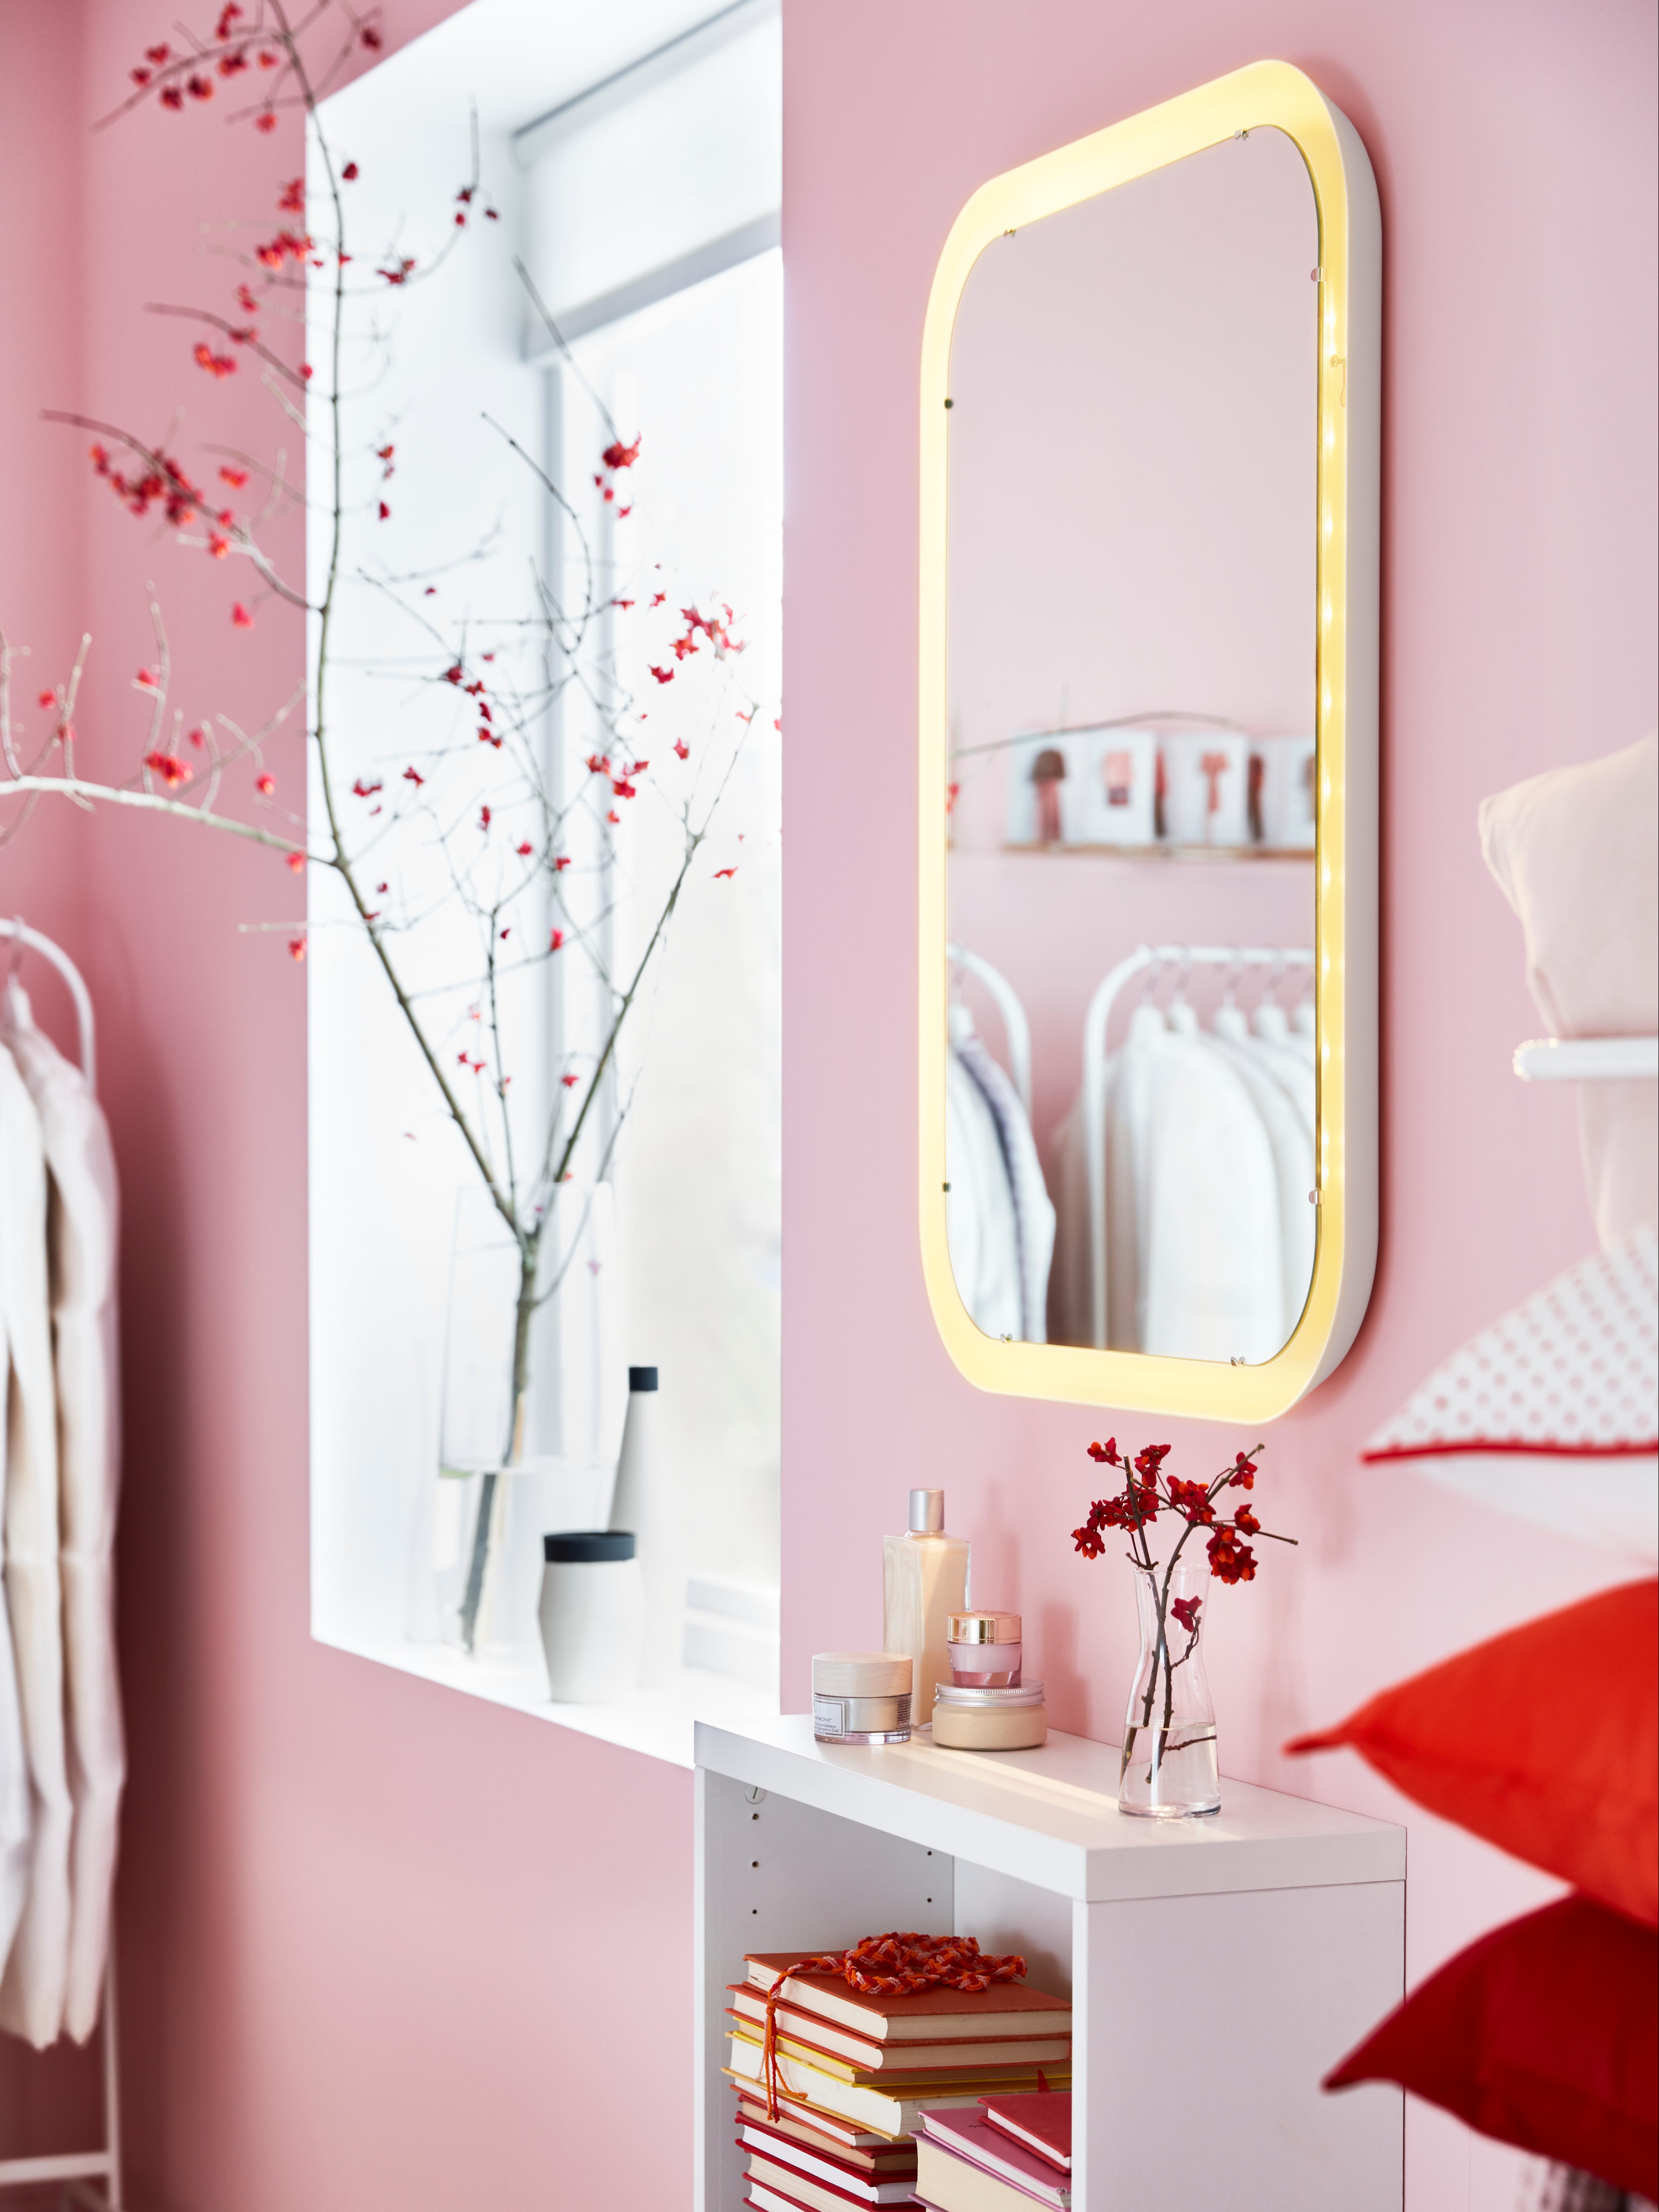 Specchio rettangolare STORJORM bianco con illuminazione integrata e angoli arrotondati, montato verticalmente sopra un pensile a giorno.